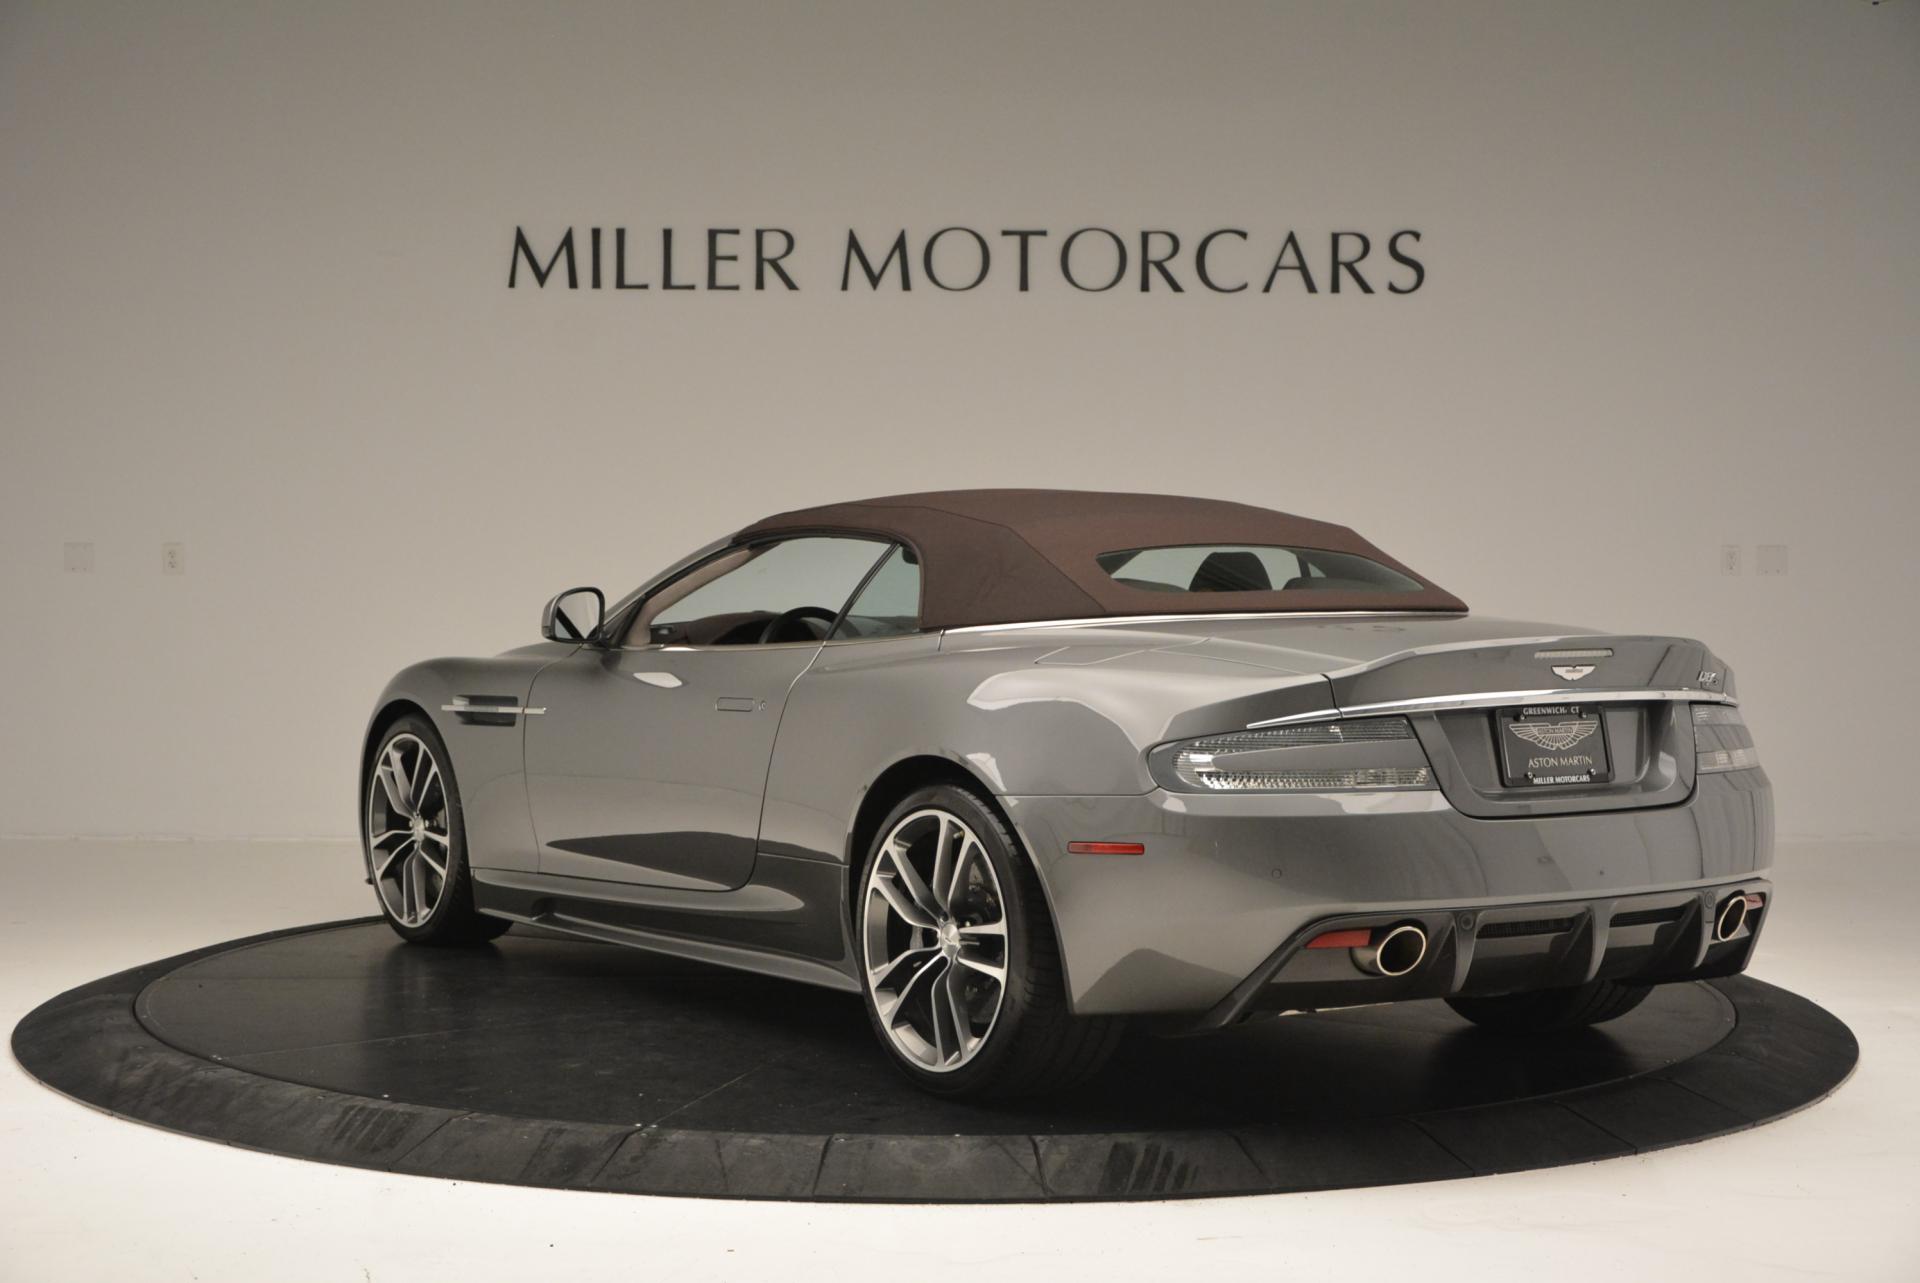 Used 2010 Aston Martin DBS Volante For Sale In Greenwich, CT. Alfa Romeo of Greenwich, 7035 87_p17